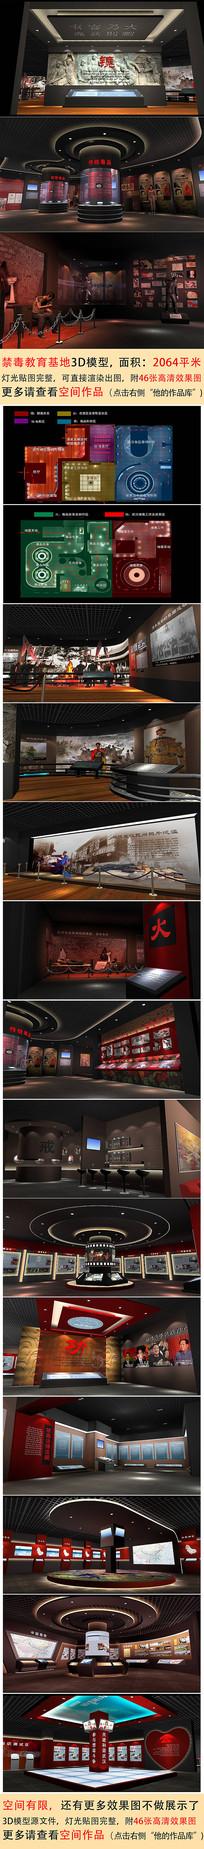 禁毒教育基地展廳3D模型